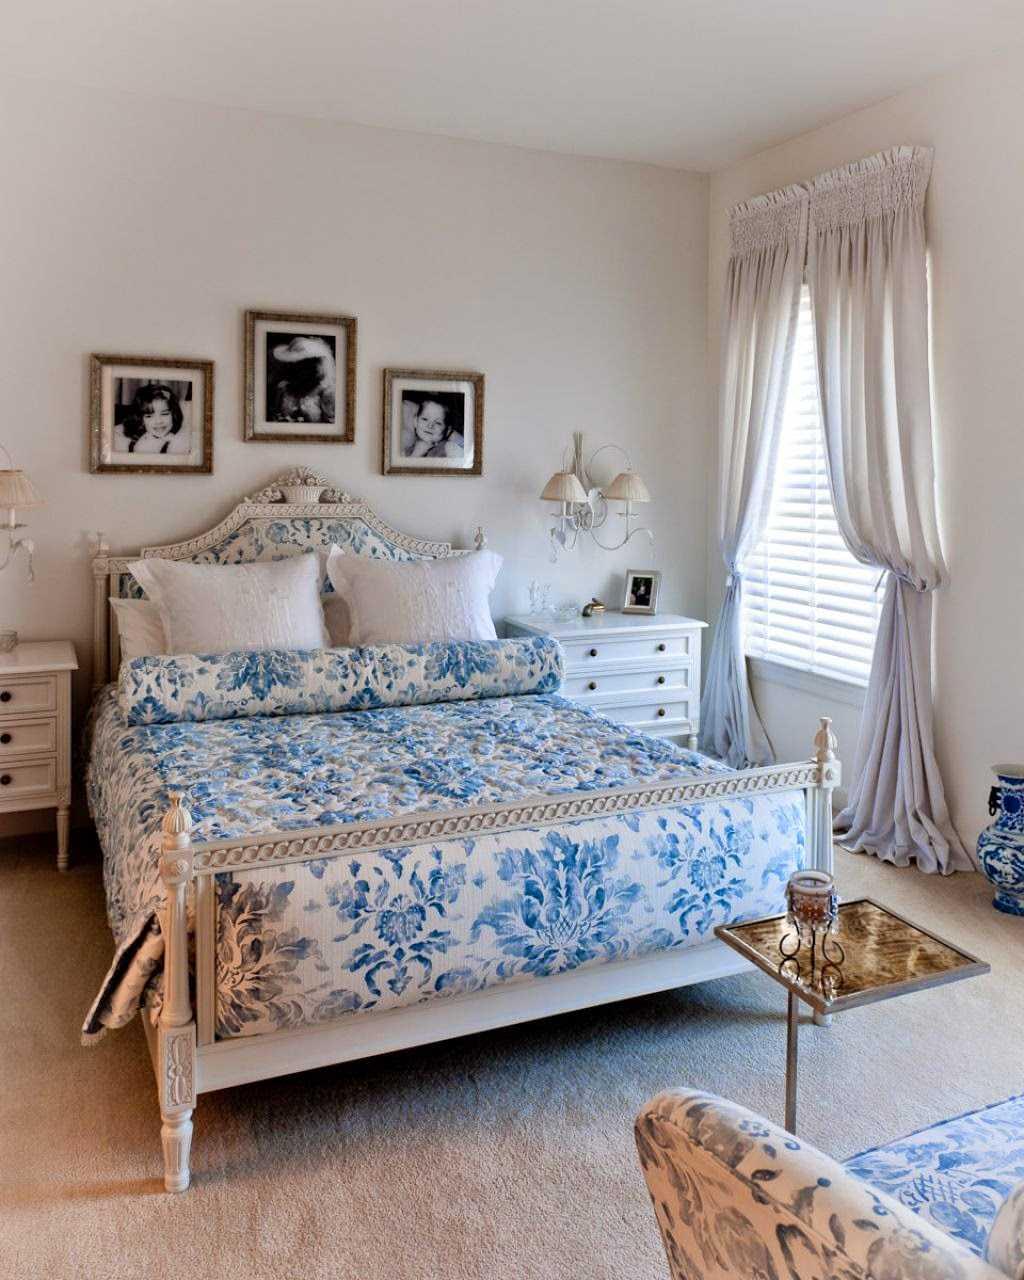 gaišs viesistabas interjers zilā krāsā